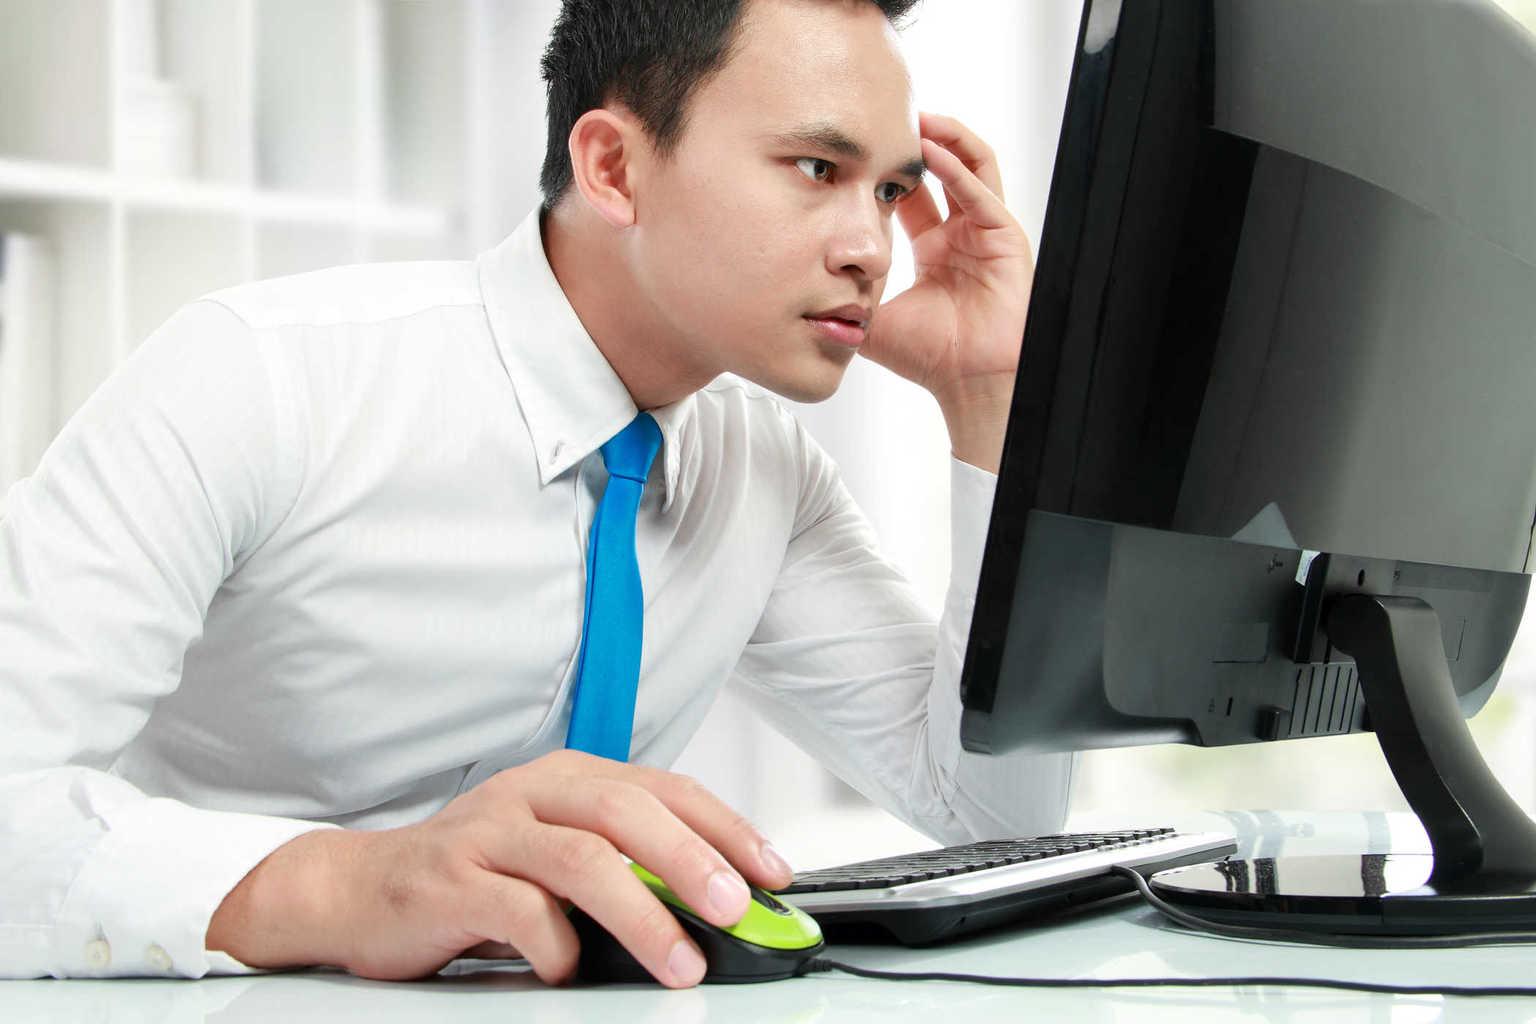 Bahaya Terlalu Lama Duduk di Depan Komputer dan Pencegahannya